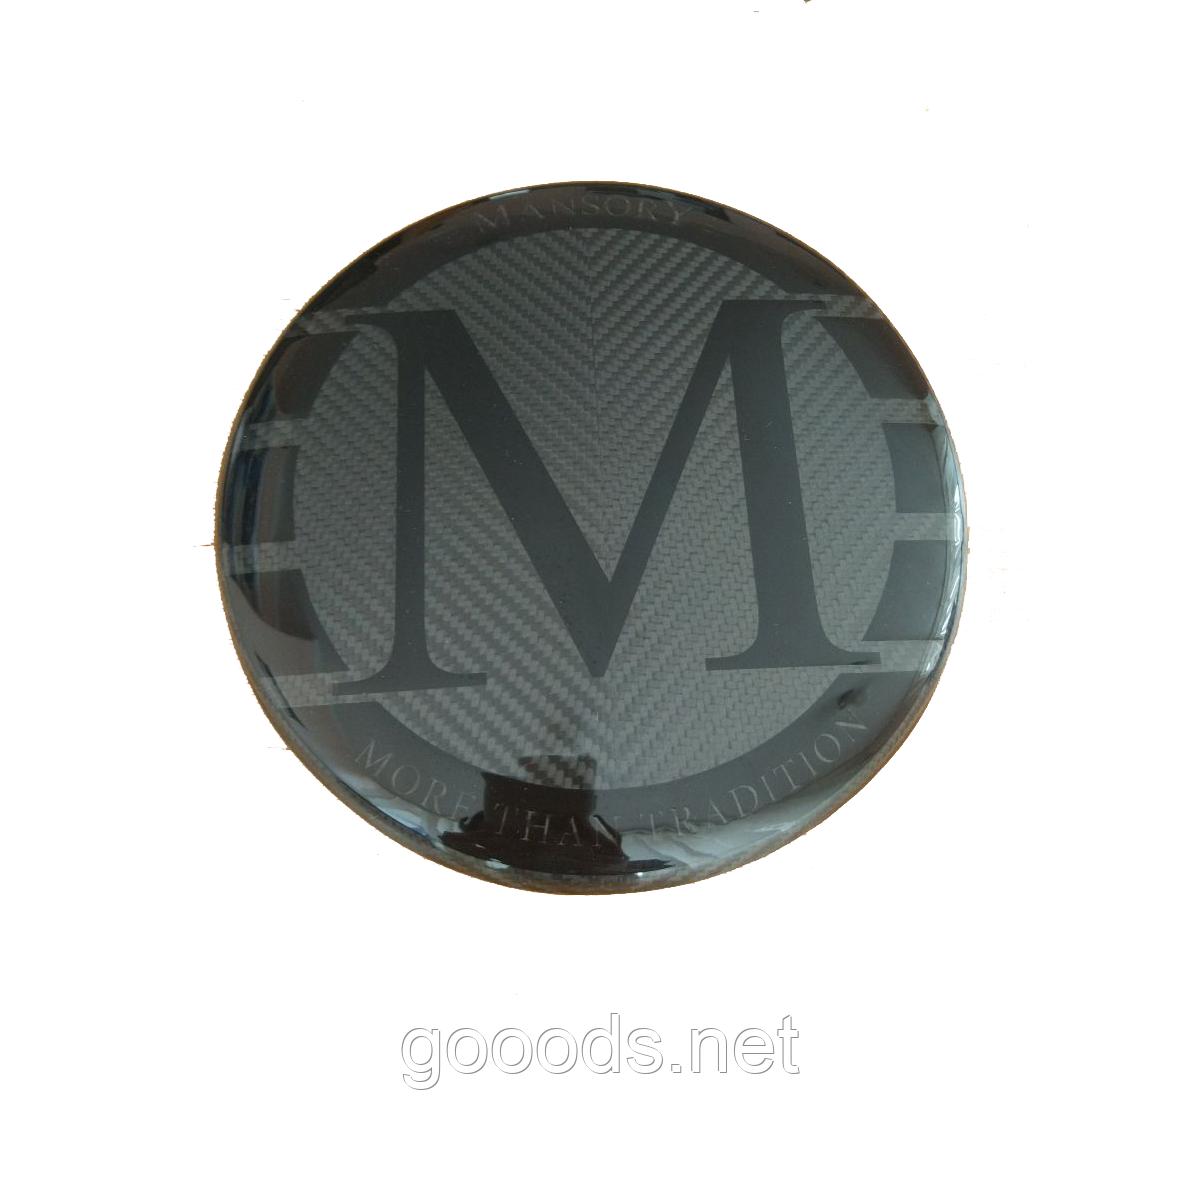 Карбоновая эмблема в решетку стиль Mansory Mercedes G-Class W463